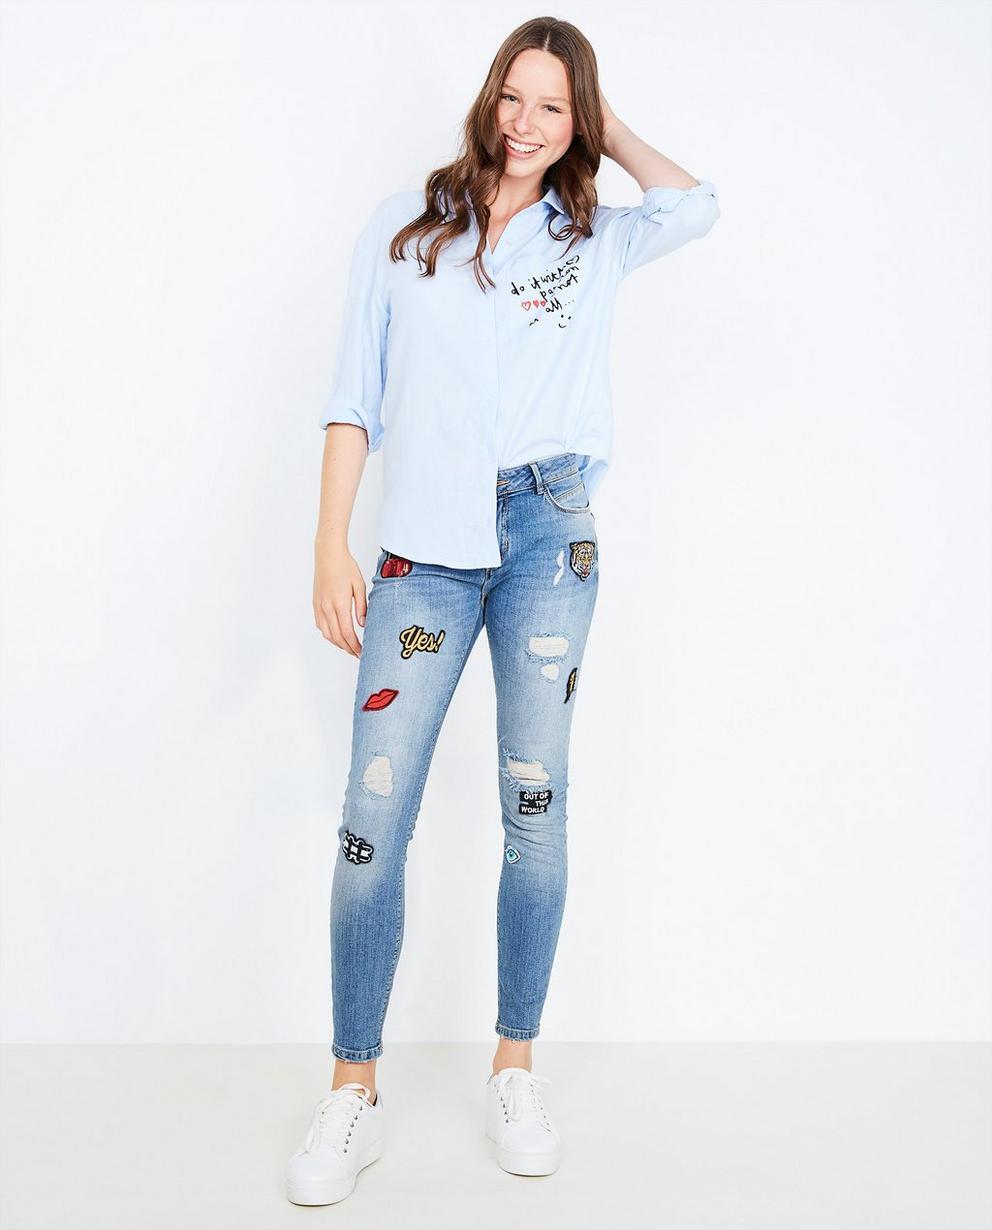 Jeans à écussons - destroyed - Groggy